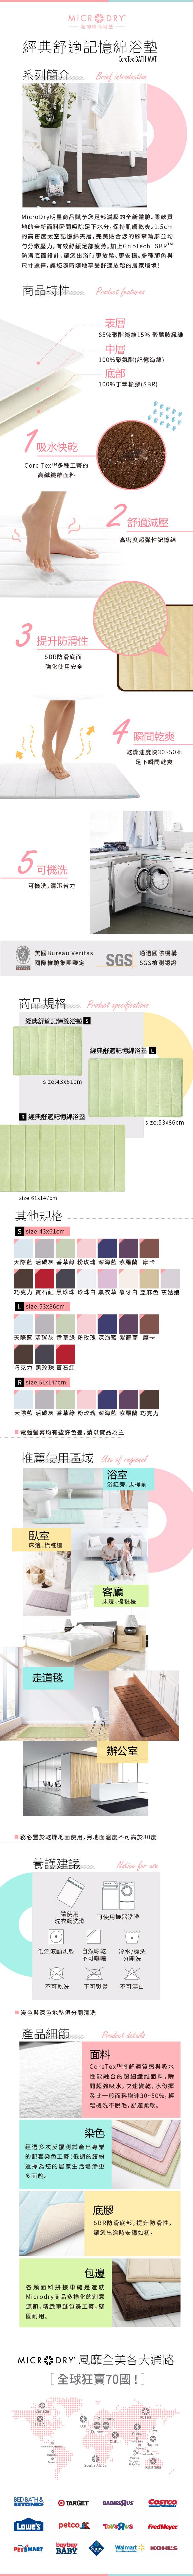 (複製)Microdry|舒適記憶綿浴墊-粉玫瑰/加長型(61x147cm)